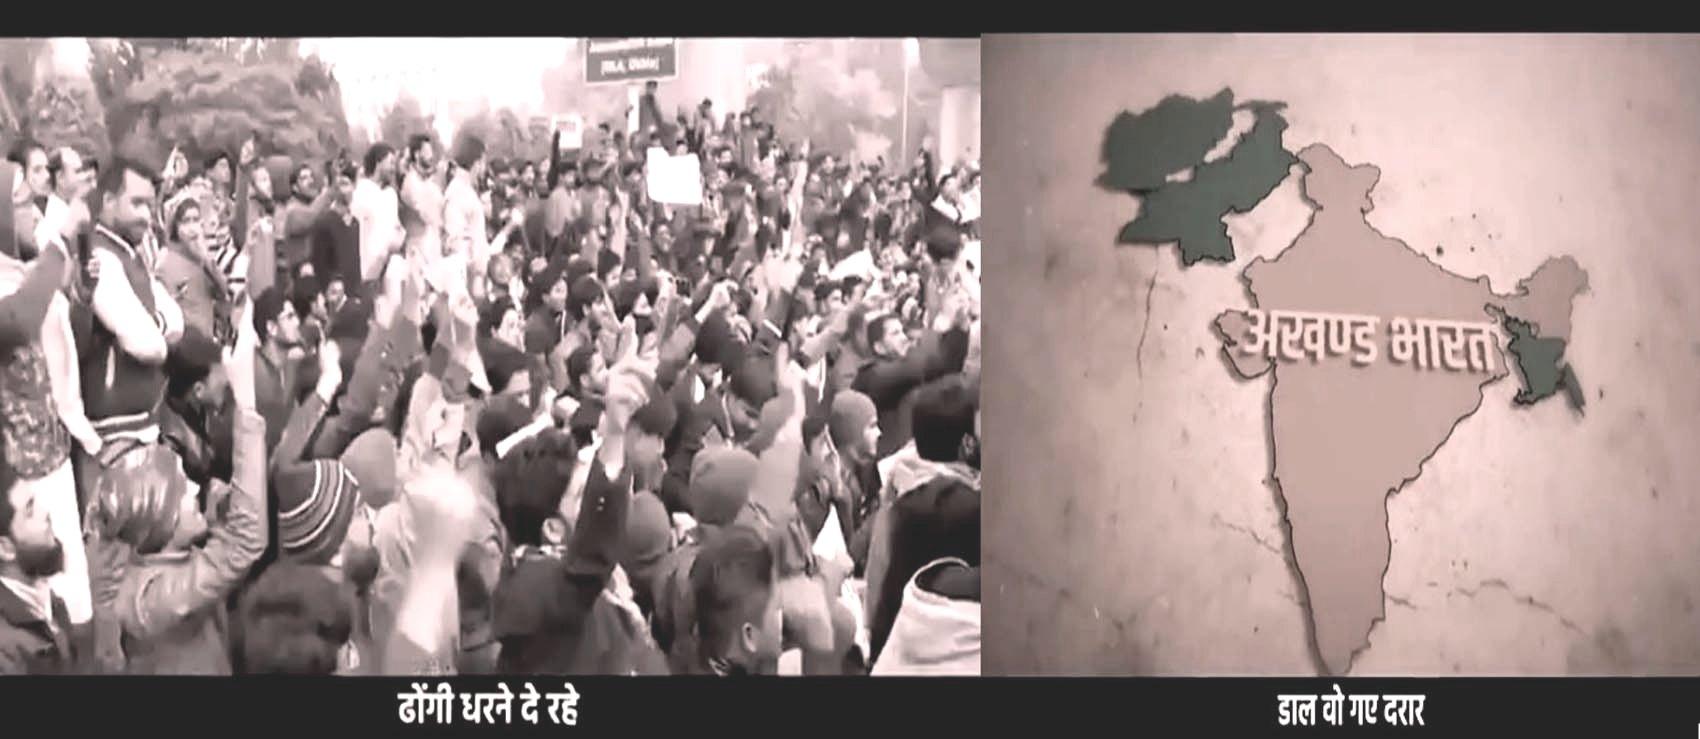 दिल्ली चुनाव के लिए जारी भाजपा का हेट स्पीच से भरपूर अभियान गीत हिन्दू मतदाताओं को CAA विरोधी और मुस्लिम प्रोटेस्टर्स के खिलाफ उकसाता है।